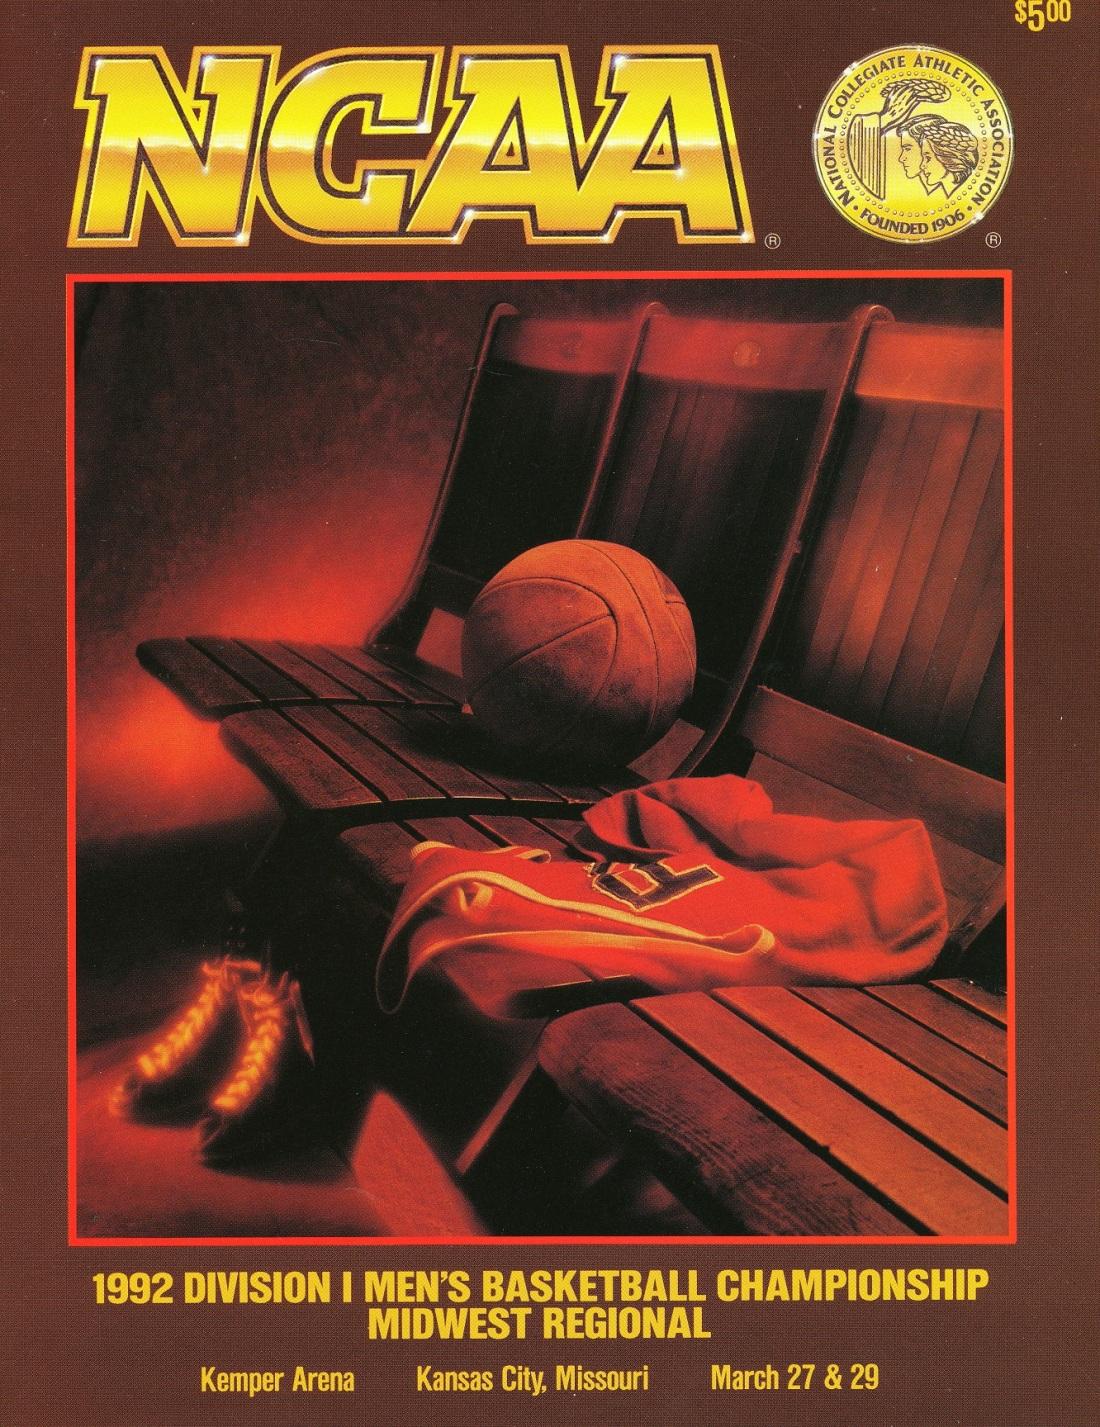 1992-1 - Copy